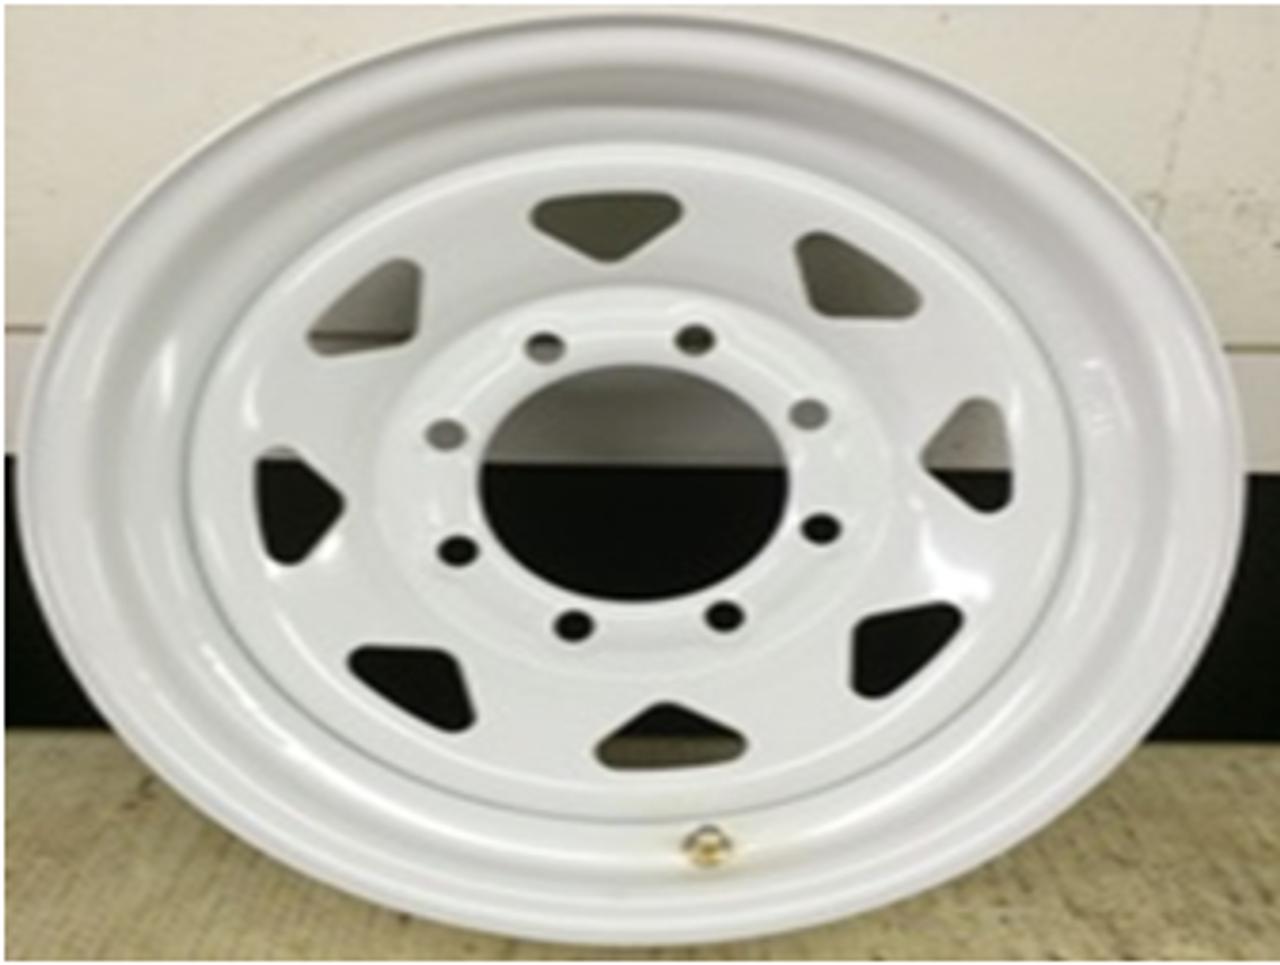 16 Rim 16x6 8Bolt 8x6.5 White 5in Center Spoke Trailer Wheel